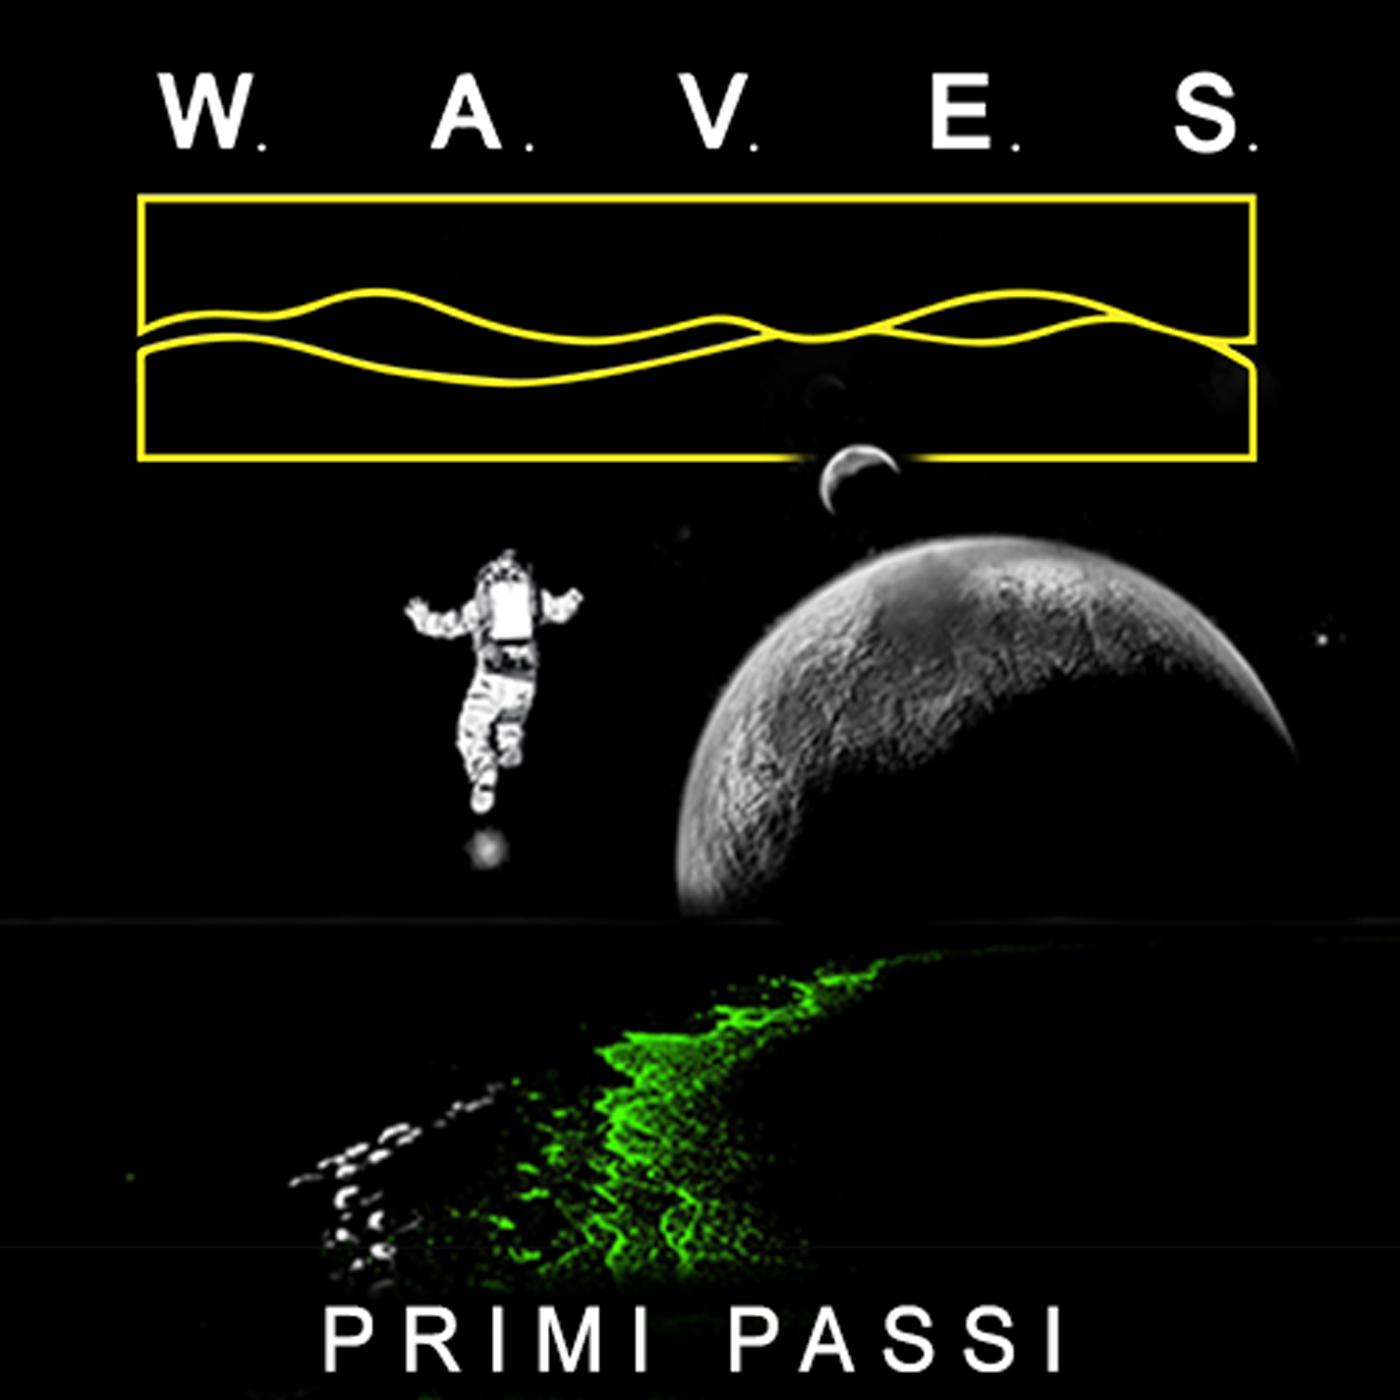 W.A.V.E.S. - Primi Passi (Single)